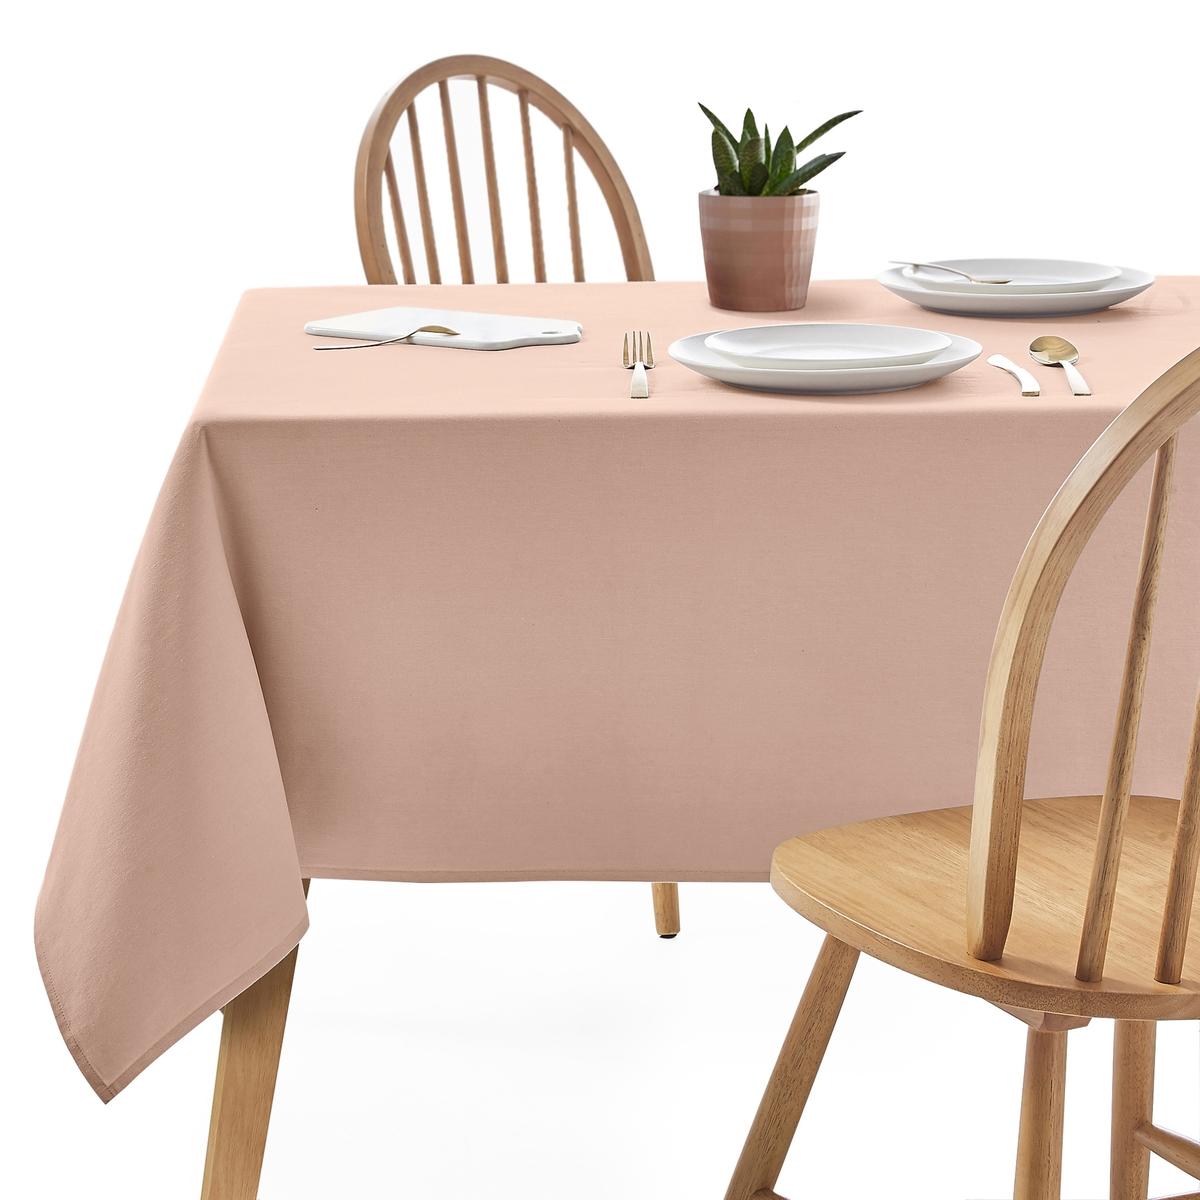 купить Скатерть La Redoute Однотонная из полиэстера SCENARIO 150 x 150 см розовый онлайн